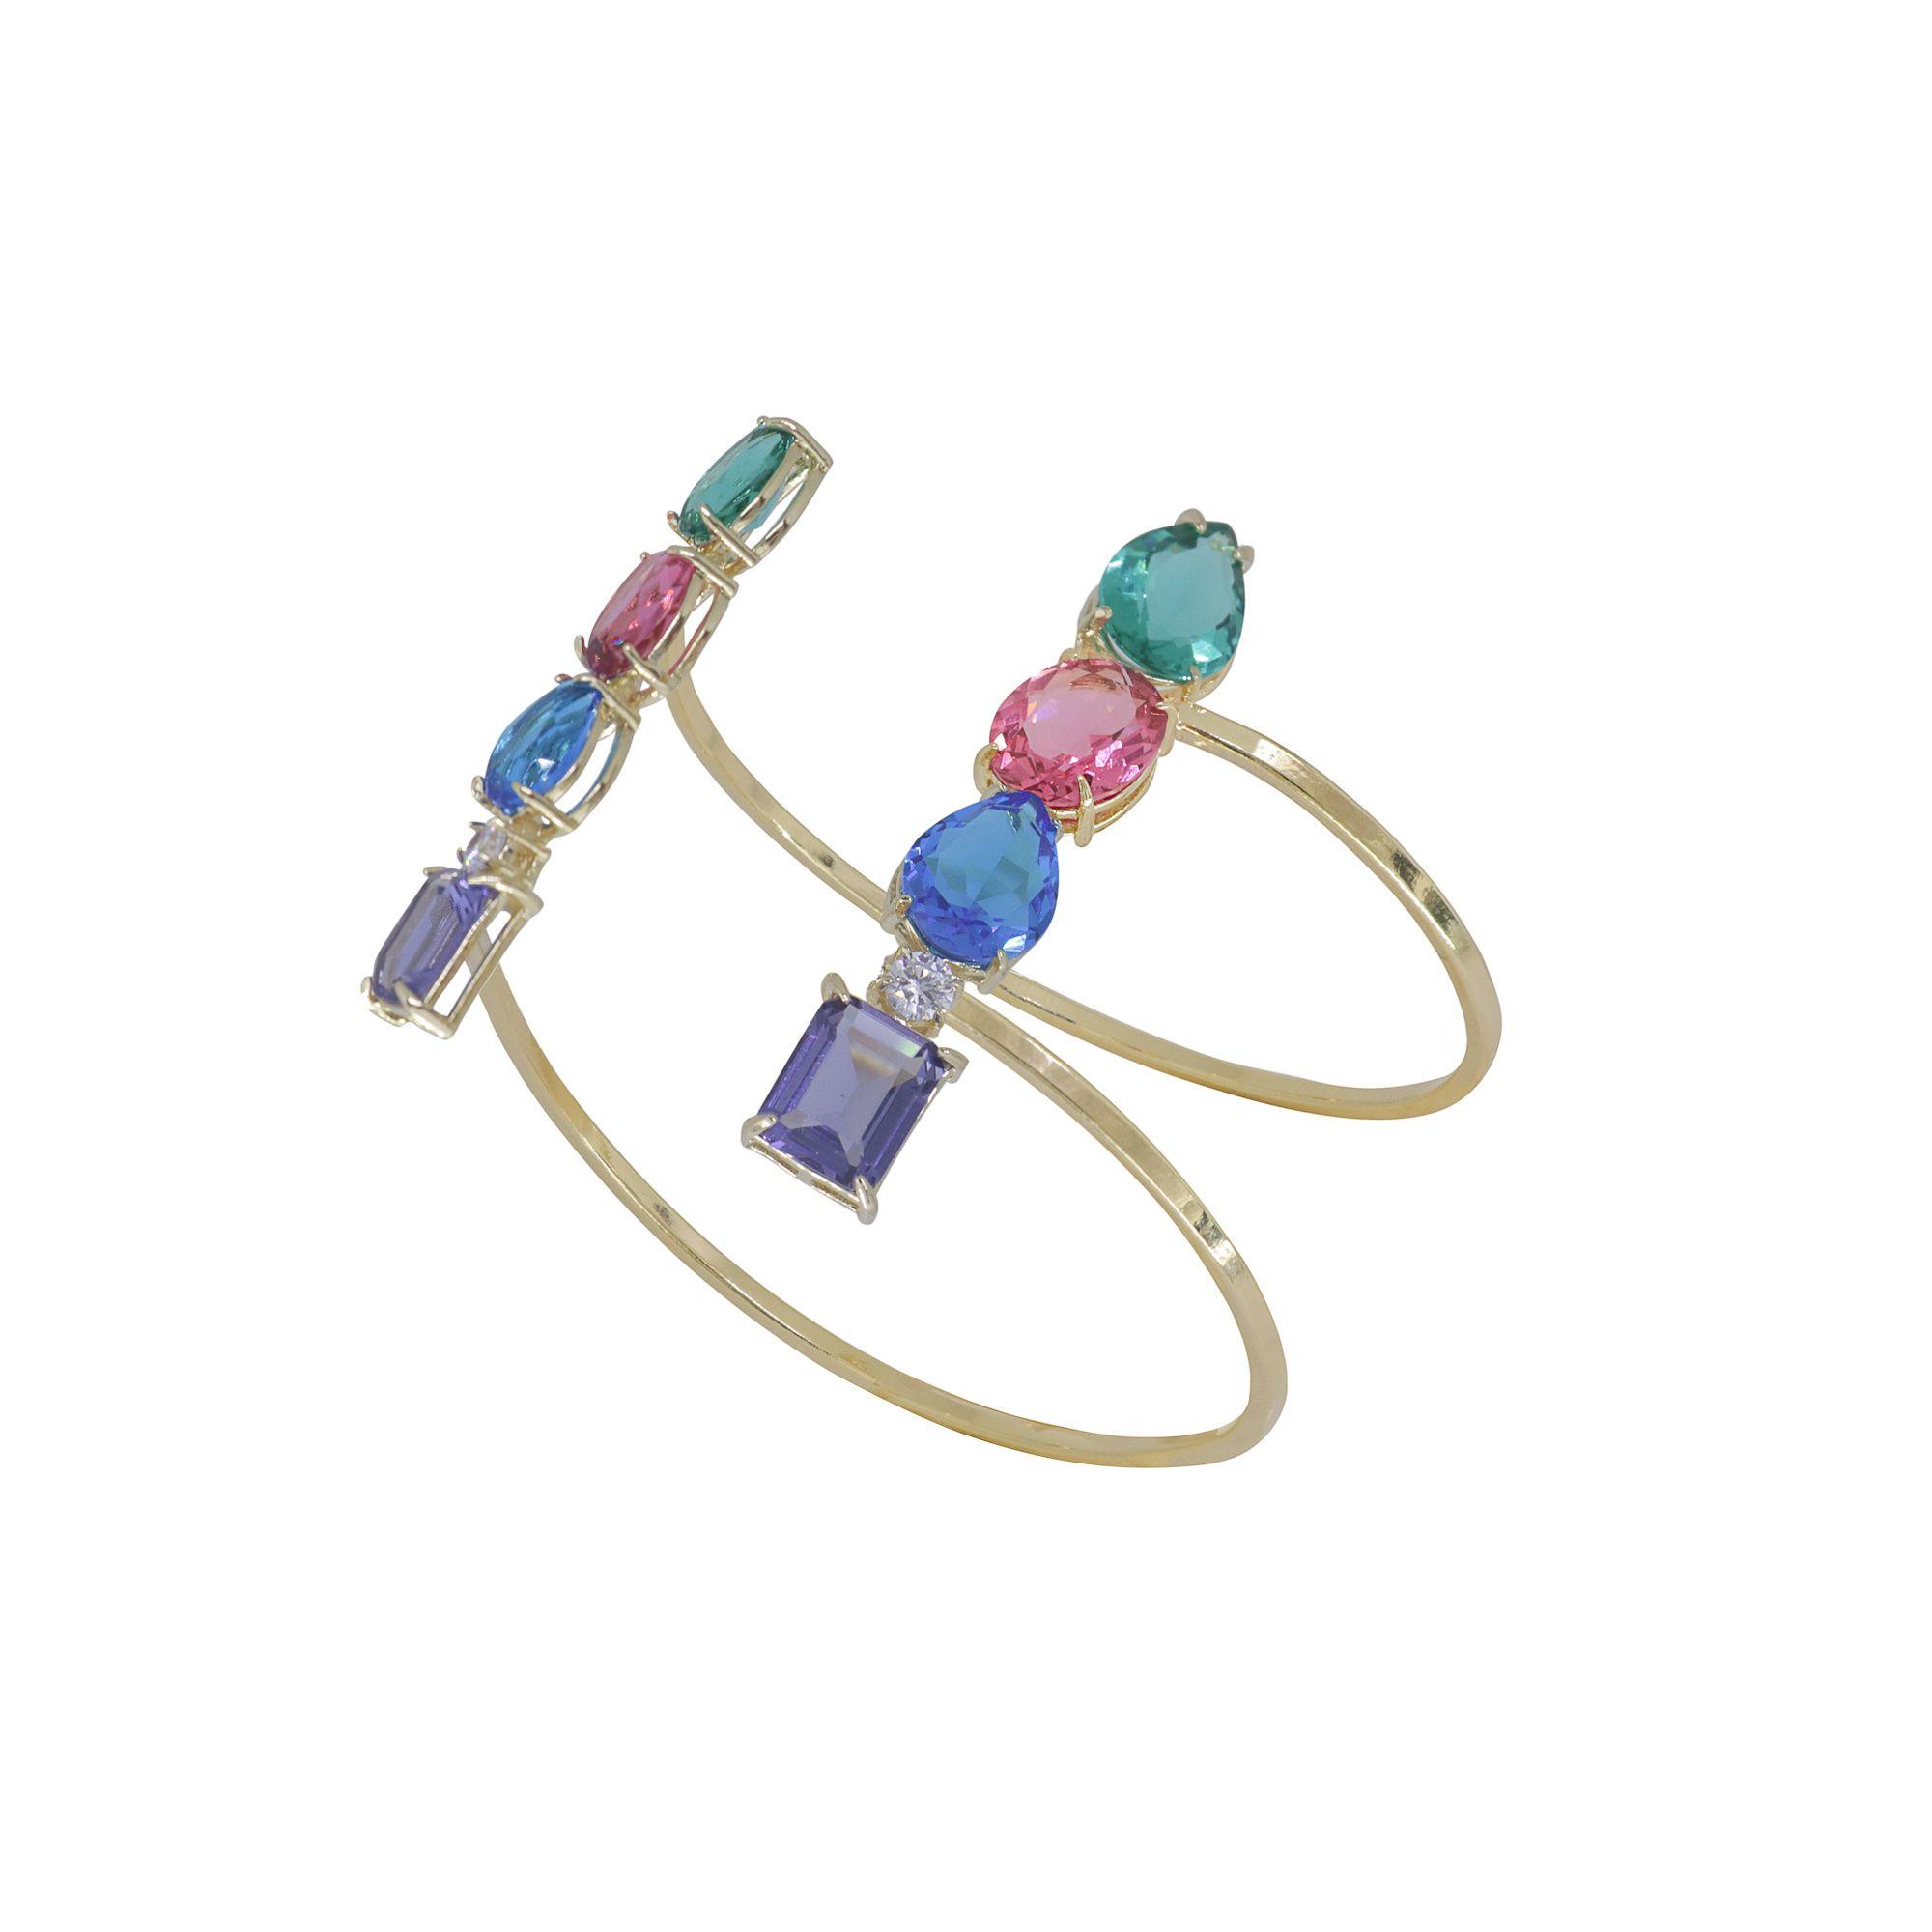 Bracelete regulável semi joia Colorato com cristais, microzircônias e banhado a ouro 18k ou rhodium